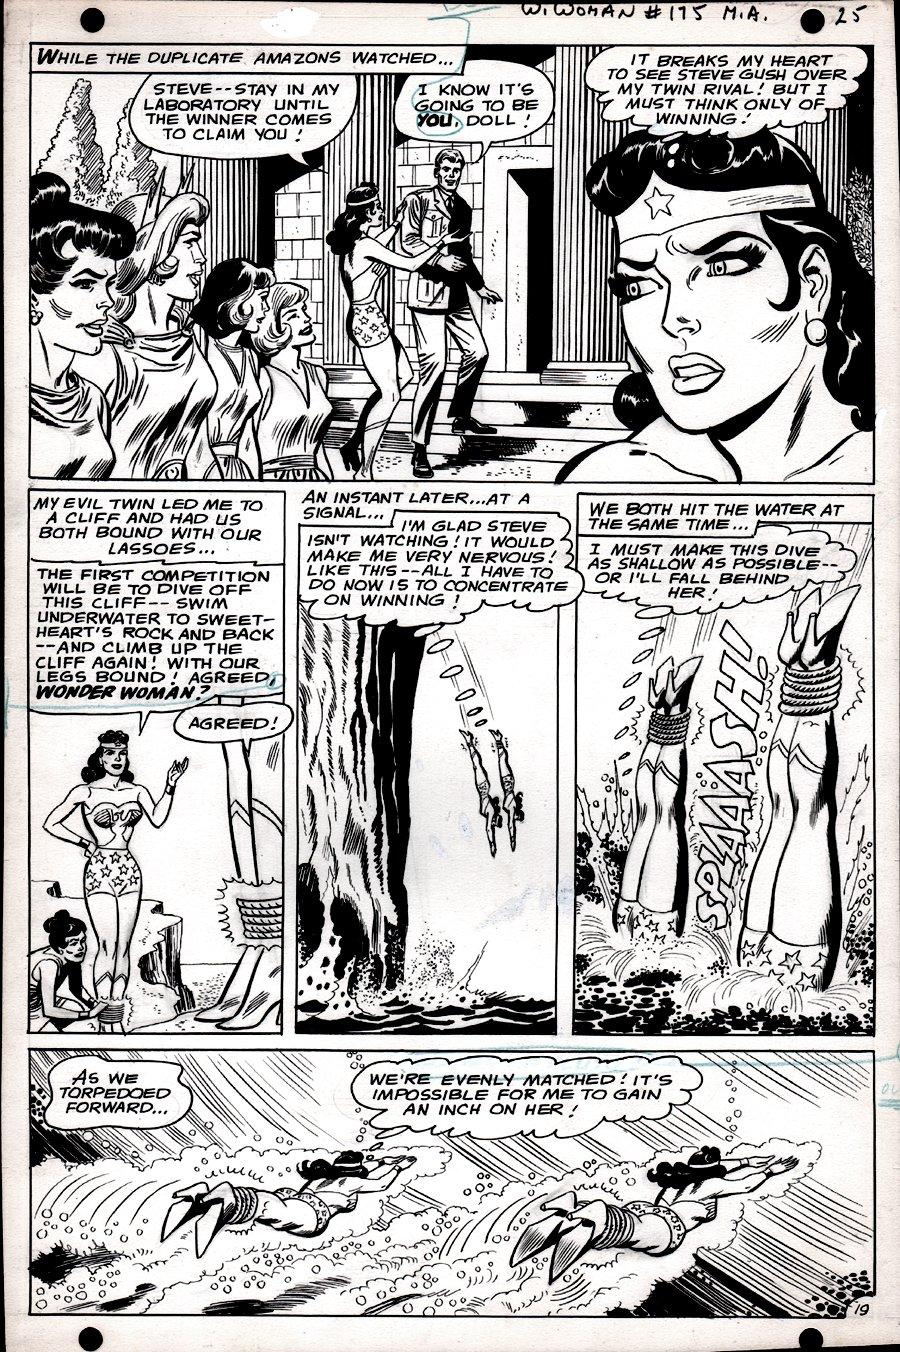 Wonder Woman #175 p 19  (SILVER AGE, WONDER WOMAN BATTLES WONDER WOMAN!) 1967